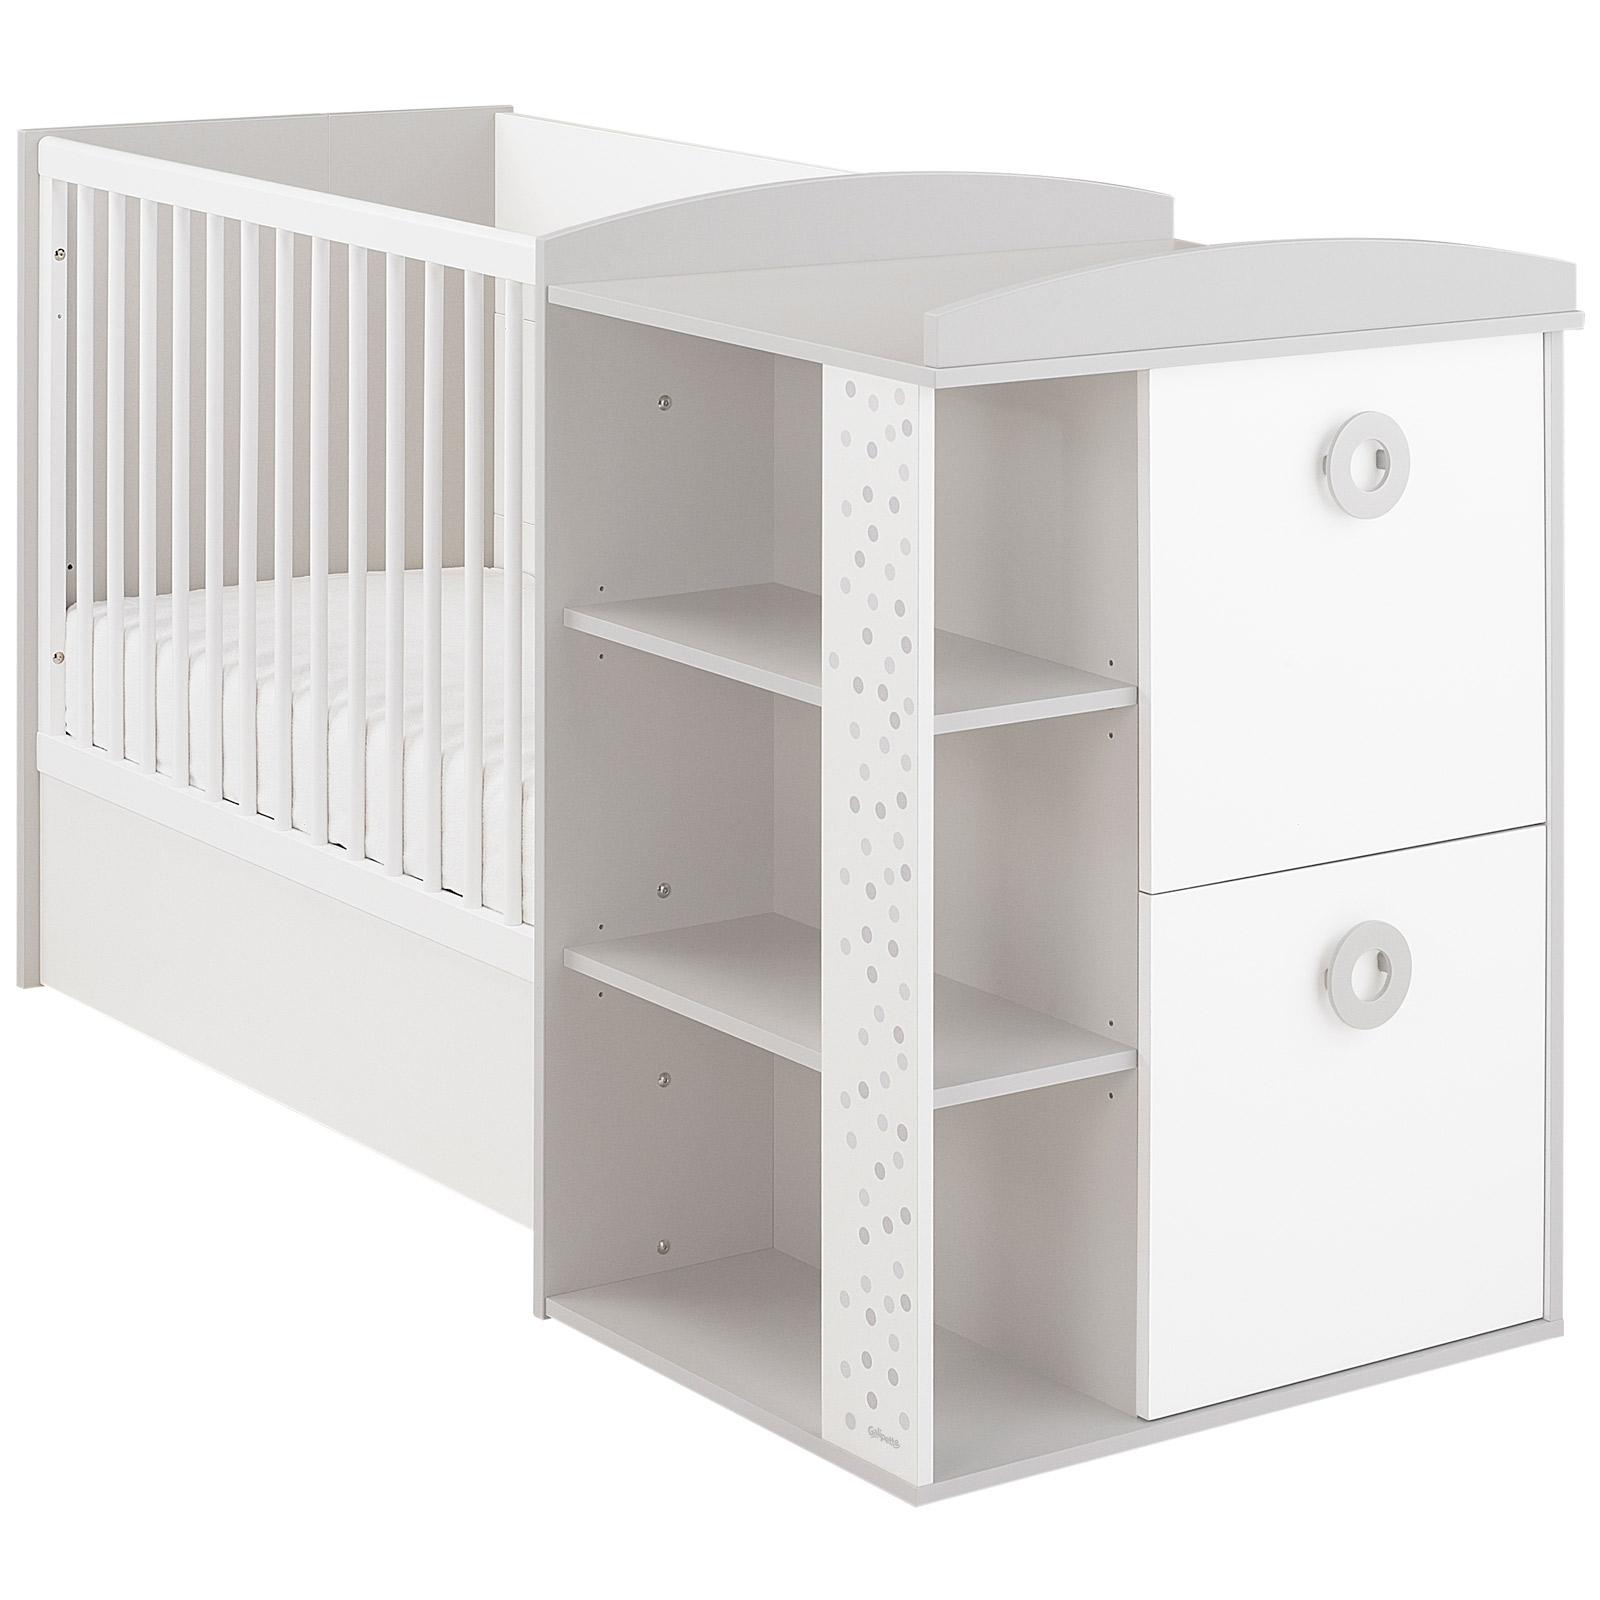 e764ac996844f Lit bébé évolutif   comment bien choisir son lit